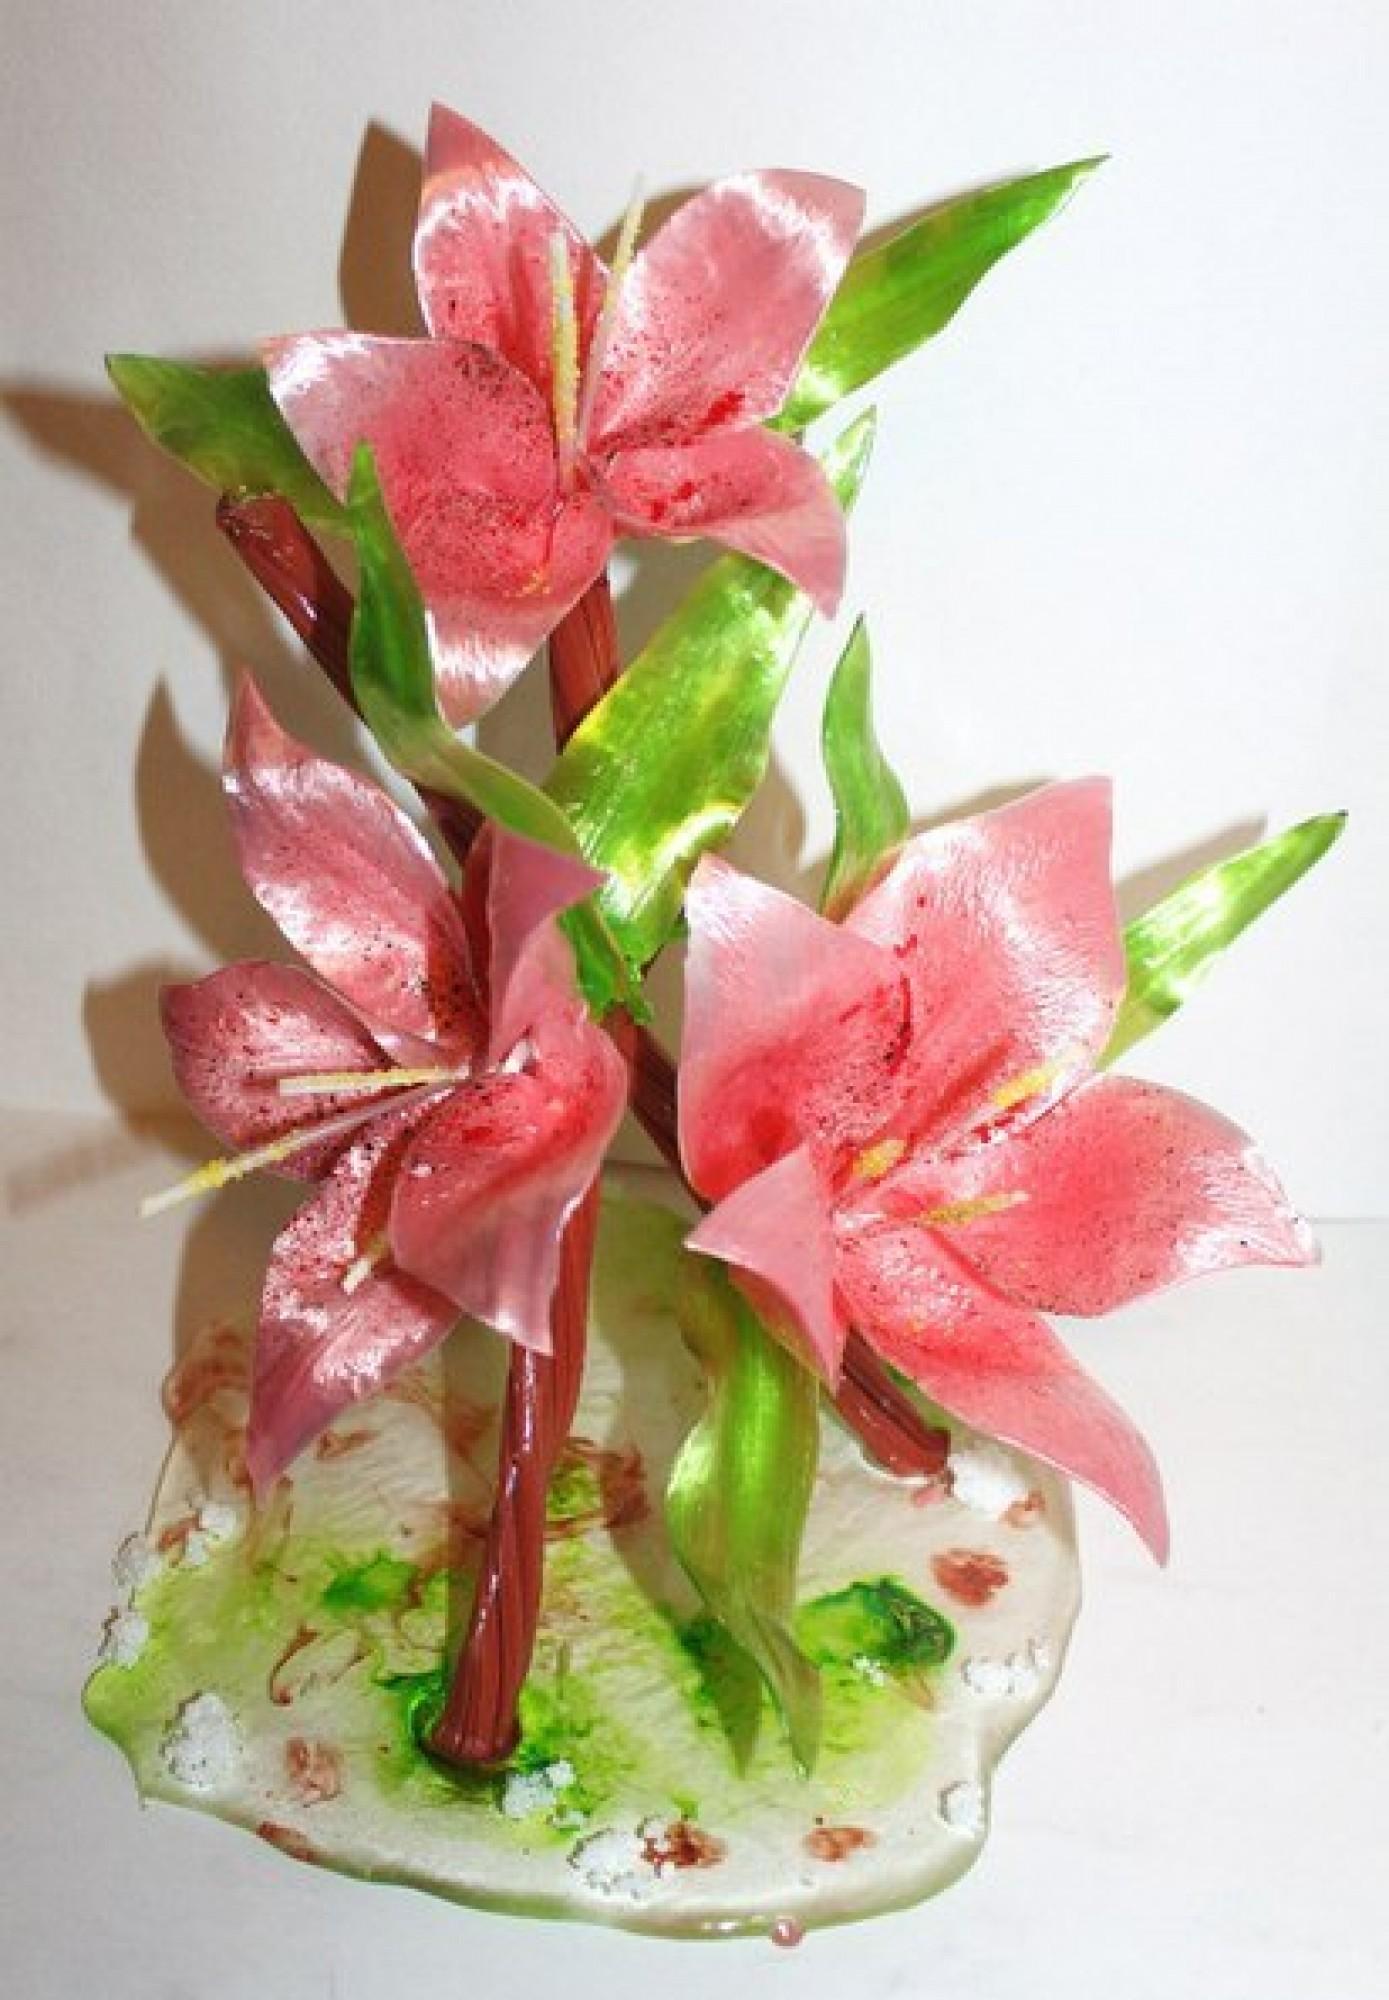 остался фото цветы из карамели правило, они расположены